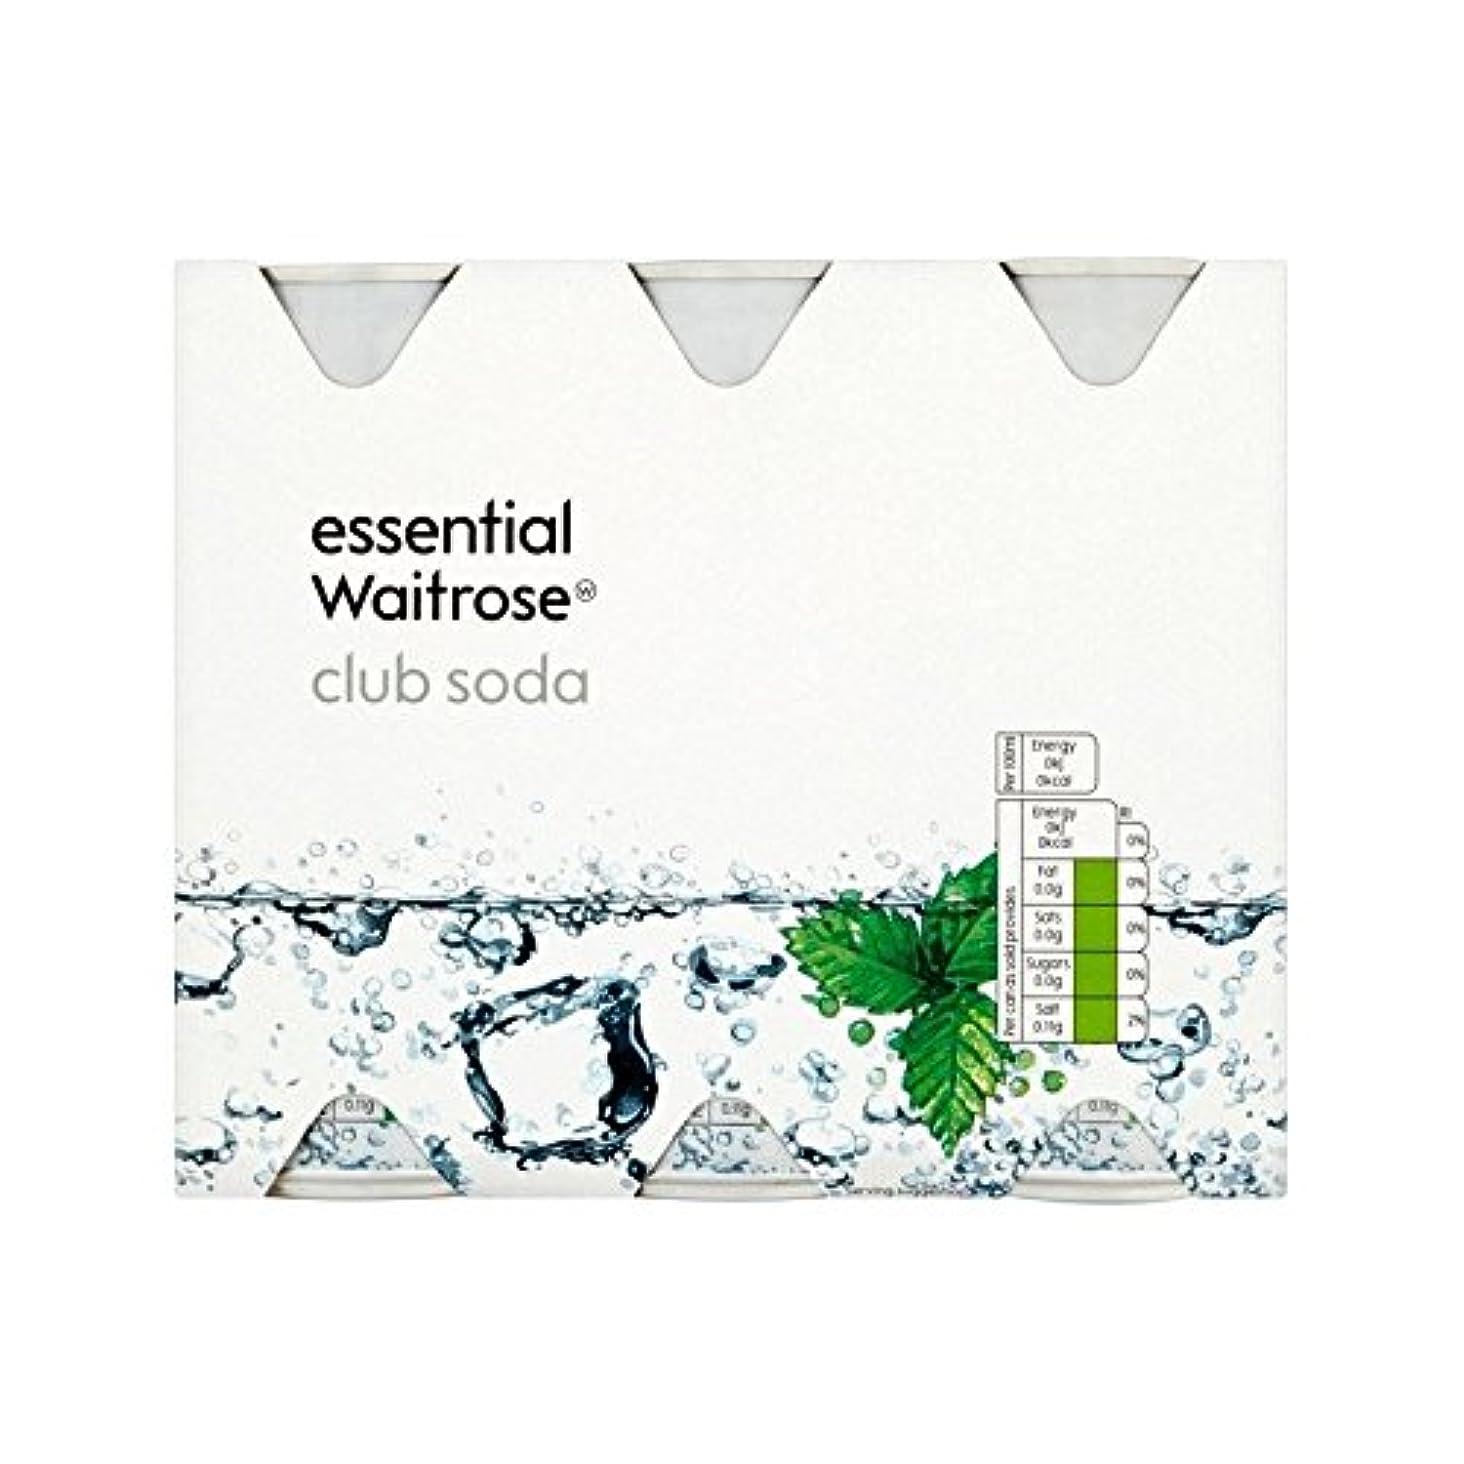 校長しなやかな胴体クラブソーダ不可欠6のX 250ミリリットル (Waitrose) - Club Soda essential Waitrose 6 x 250ml